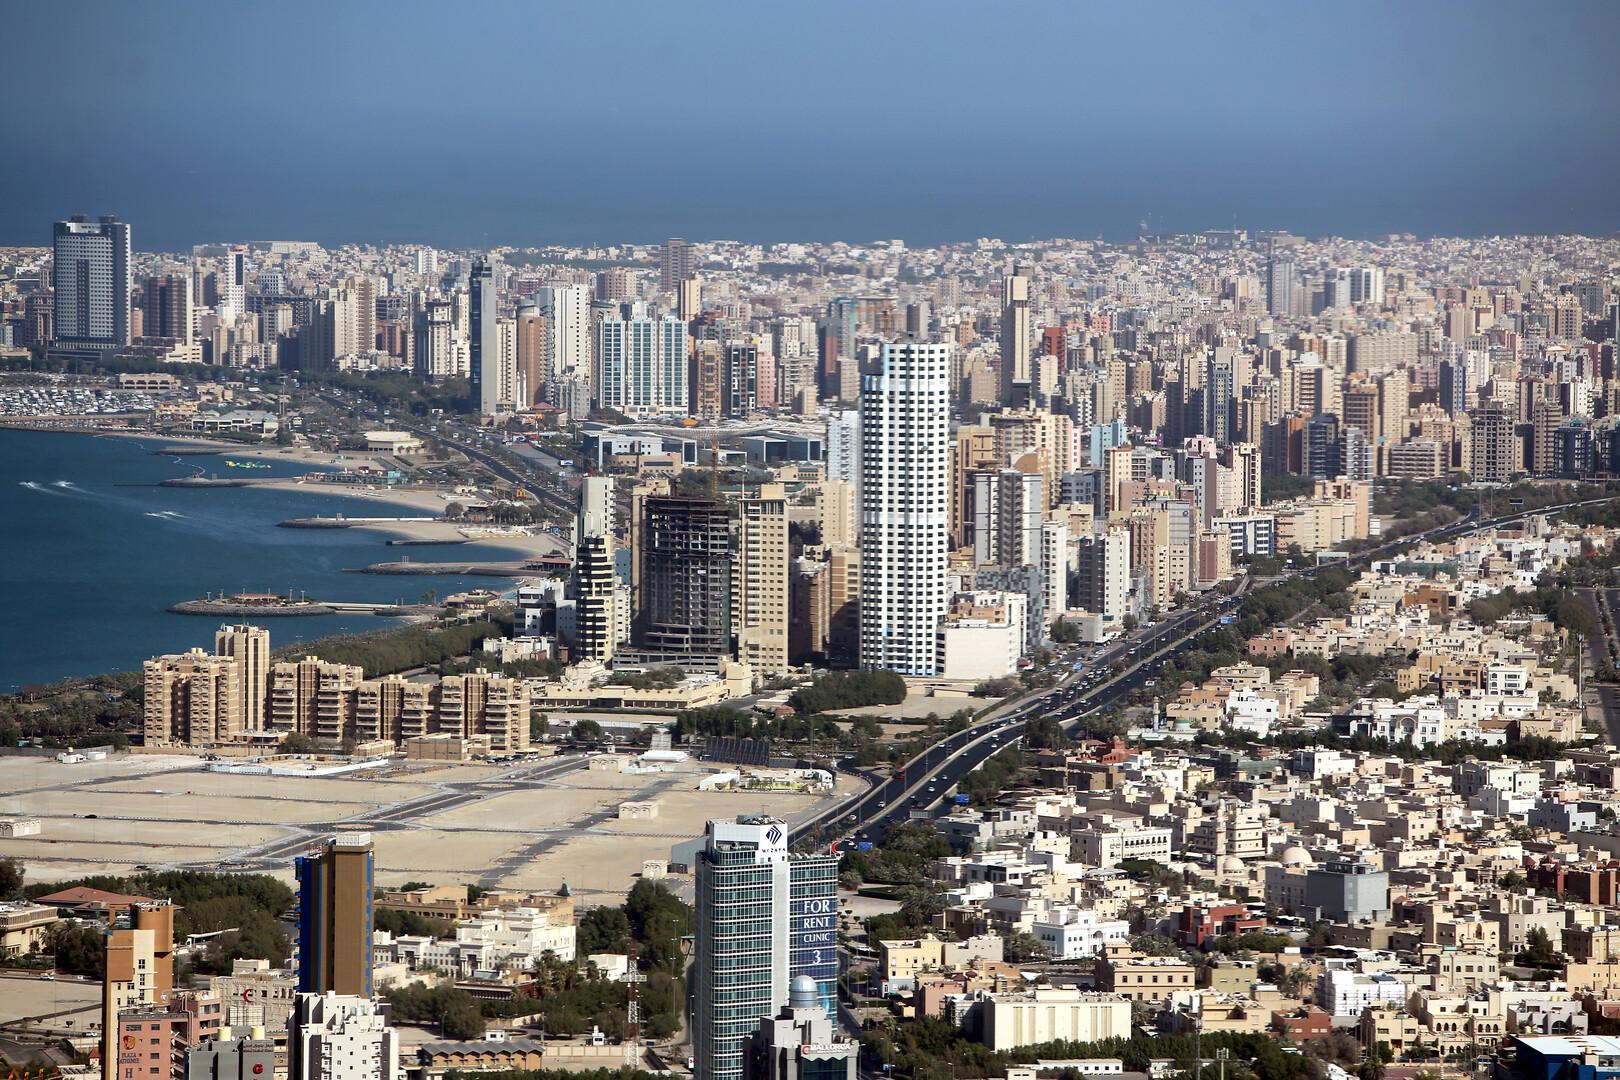 الكويت تشدد الإجراءات الأمنية حول مواقعها الحيوية عقب اختراق طائرة مسيرة أجواء البلاد